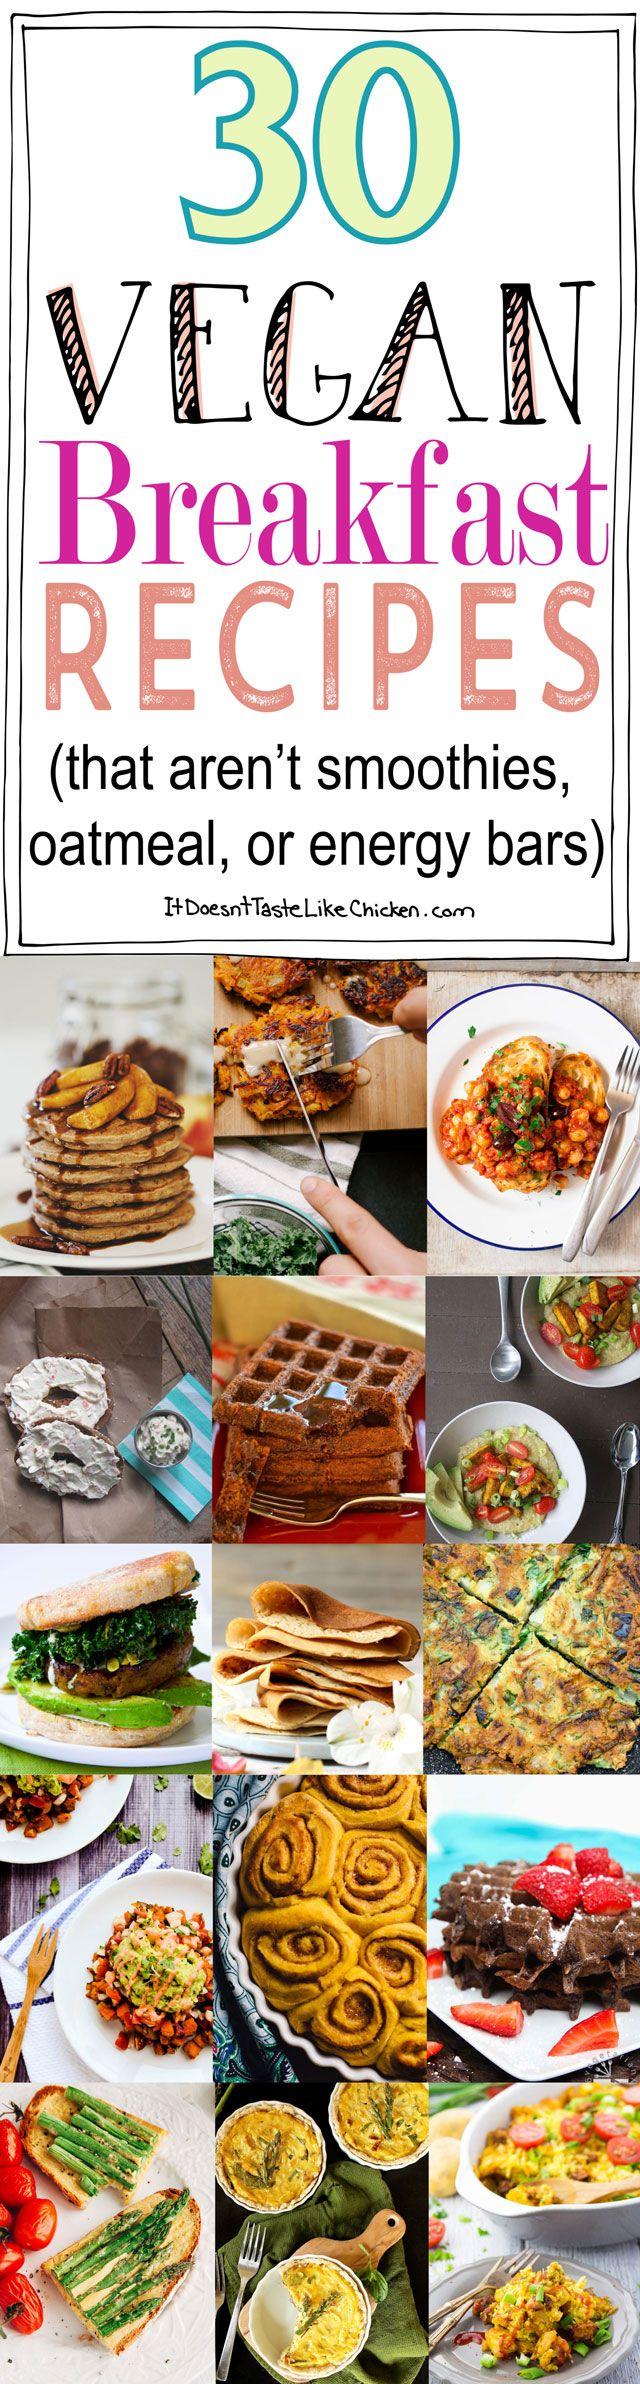 30 Vegan Breakfast Recipes Vegan Dishes Vegan Breakfast Recipes Vegan Foods